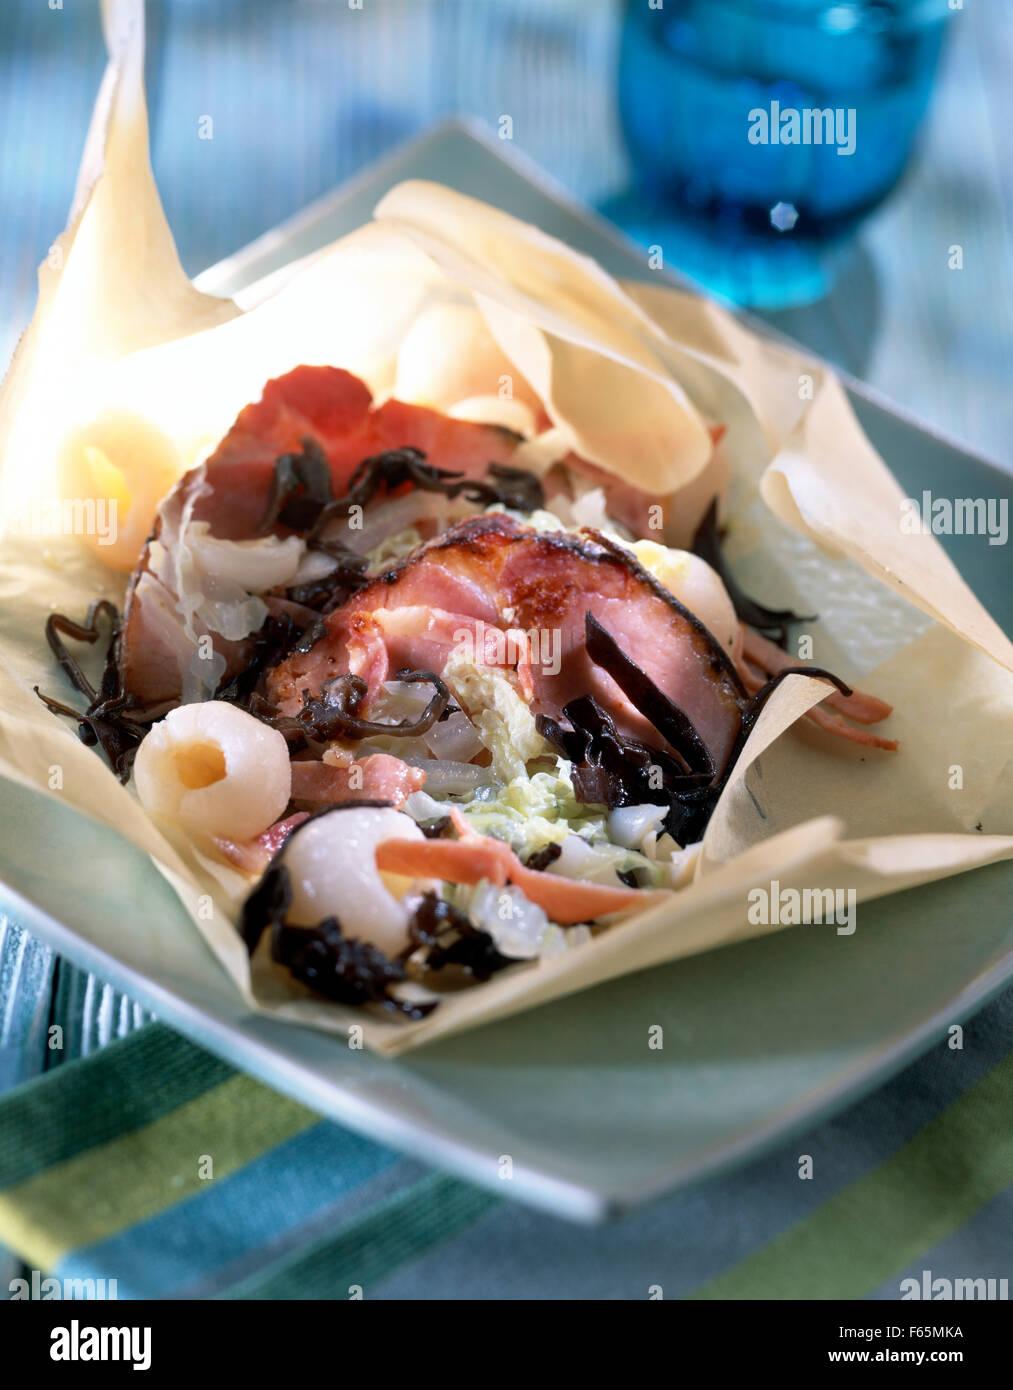 Orientalischen Stil Schweinebraten gekocht in Wachspapier Stockfoto